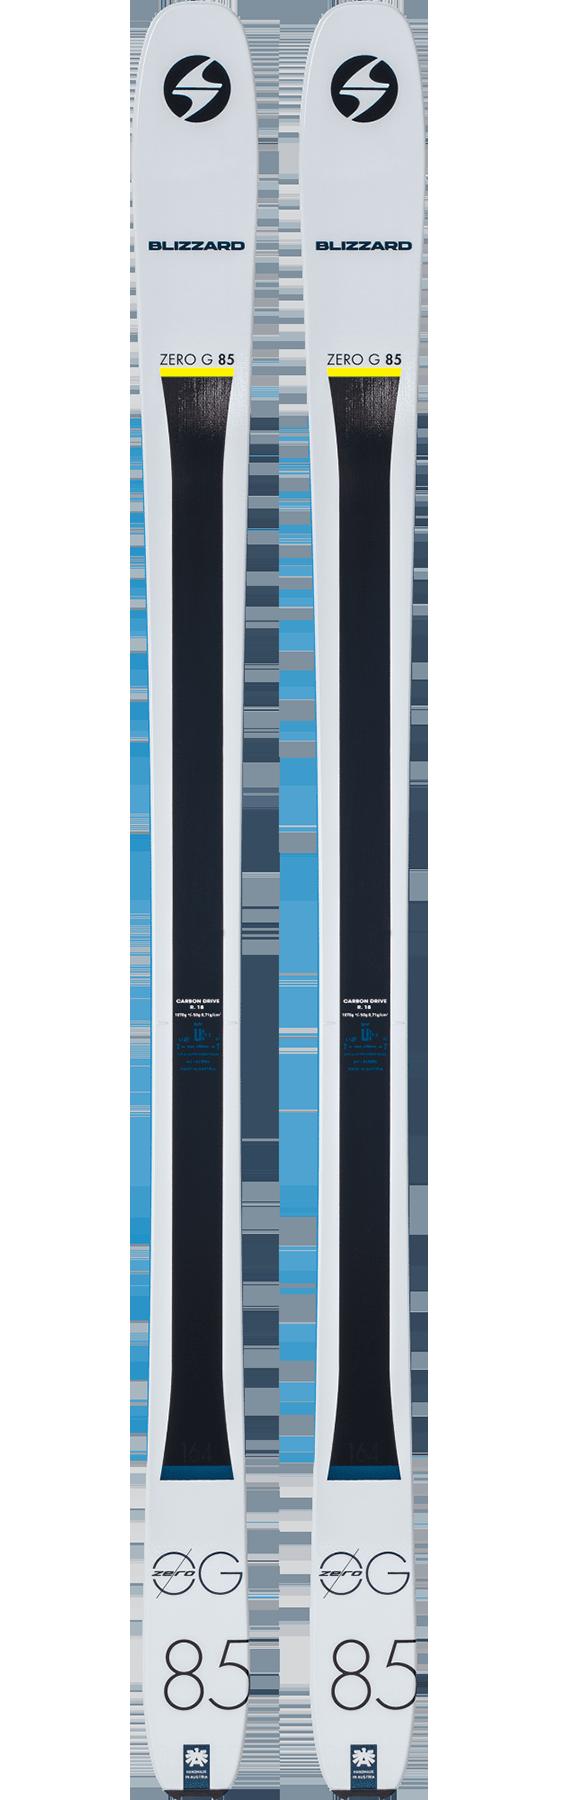 c-fit-w-2000-h-2000-q-auto-eco8A814400002_ZERO-G-85.png